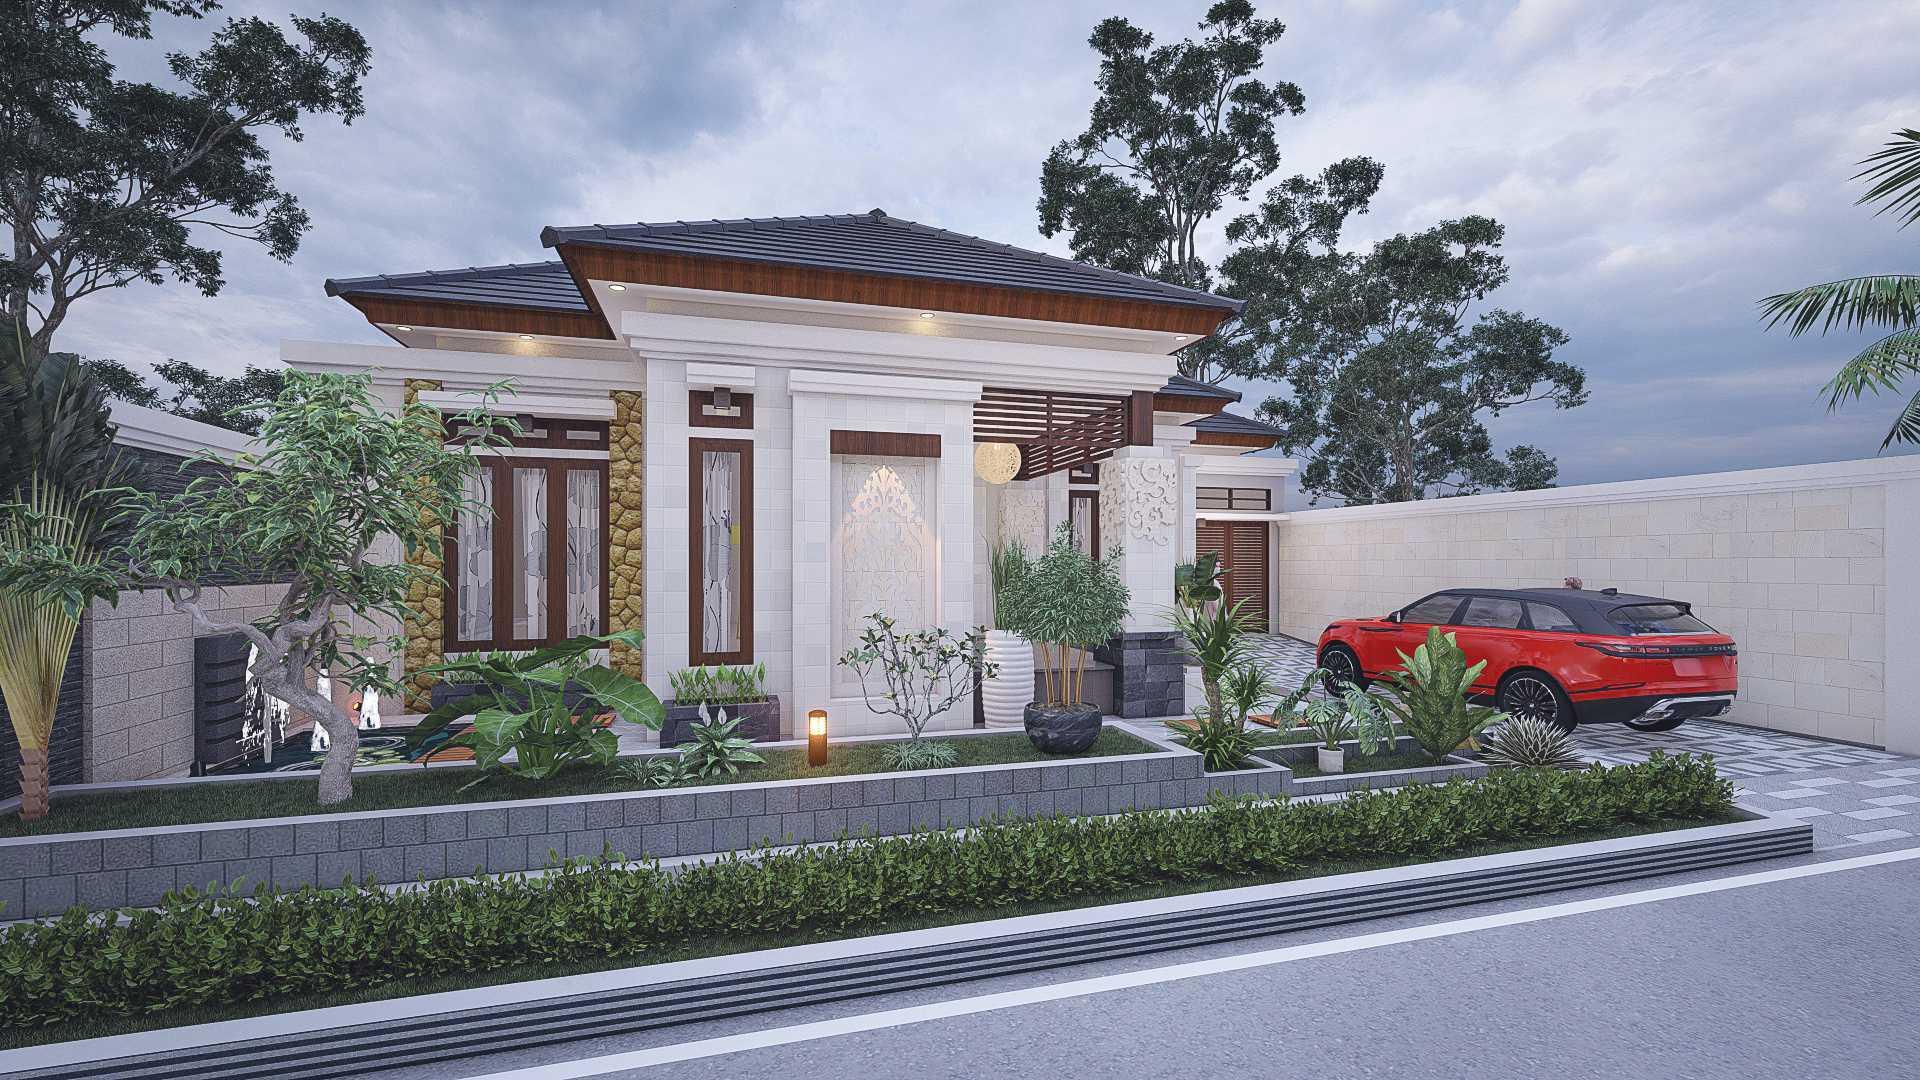 Bimasaka Arsitek & Kontruksi Desain Fasad Bali, Indonesia Bali, Indonesia Bimasaka-Arsitek-Kontruksi-Desain-Fasad   116790